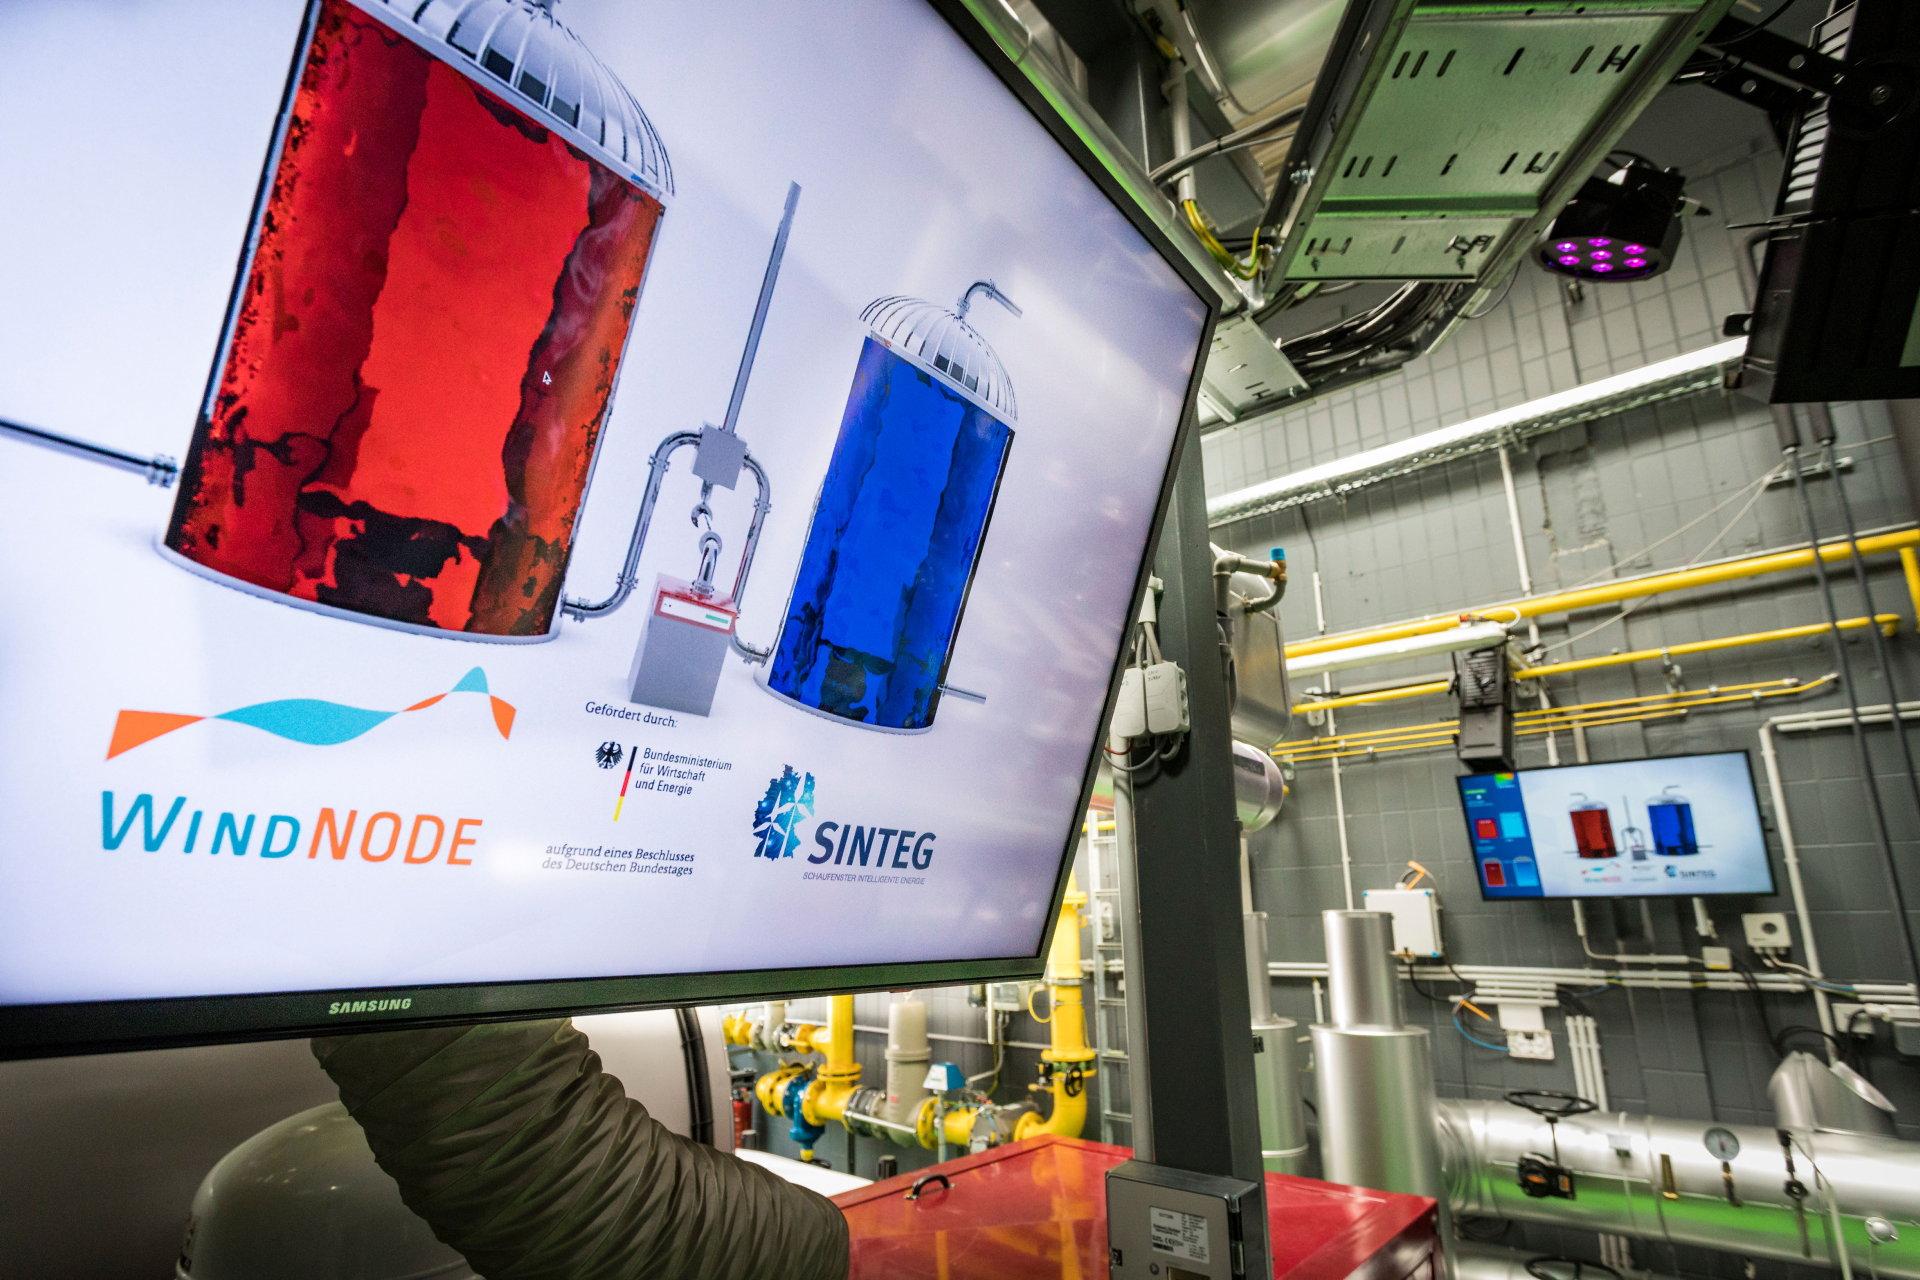 Ein Display zeigt den Inhalt zweier Kessel symbolisch mit roter und blauer Farbe.